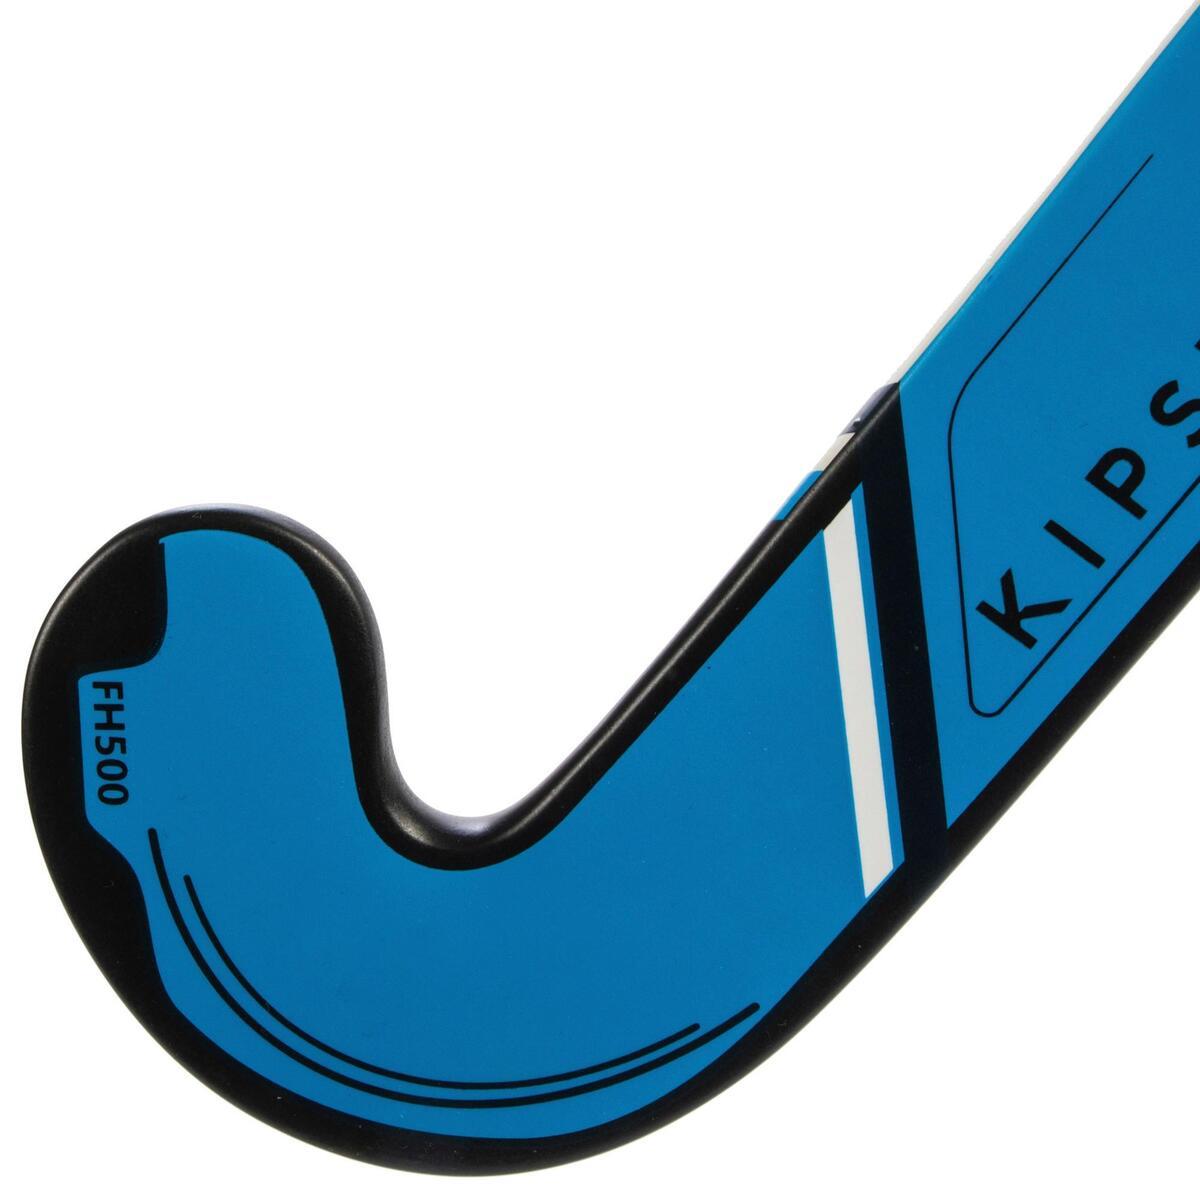 Bild 5 von Feldhockeyschläger FH500 Erwachsene Mid Bow 50% Carbon blau